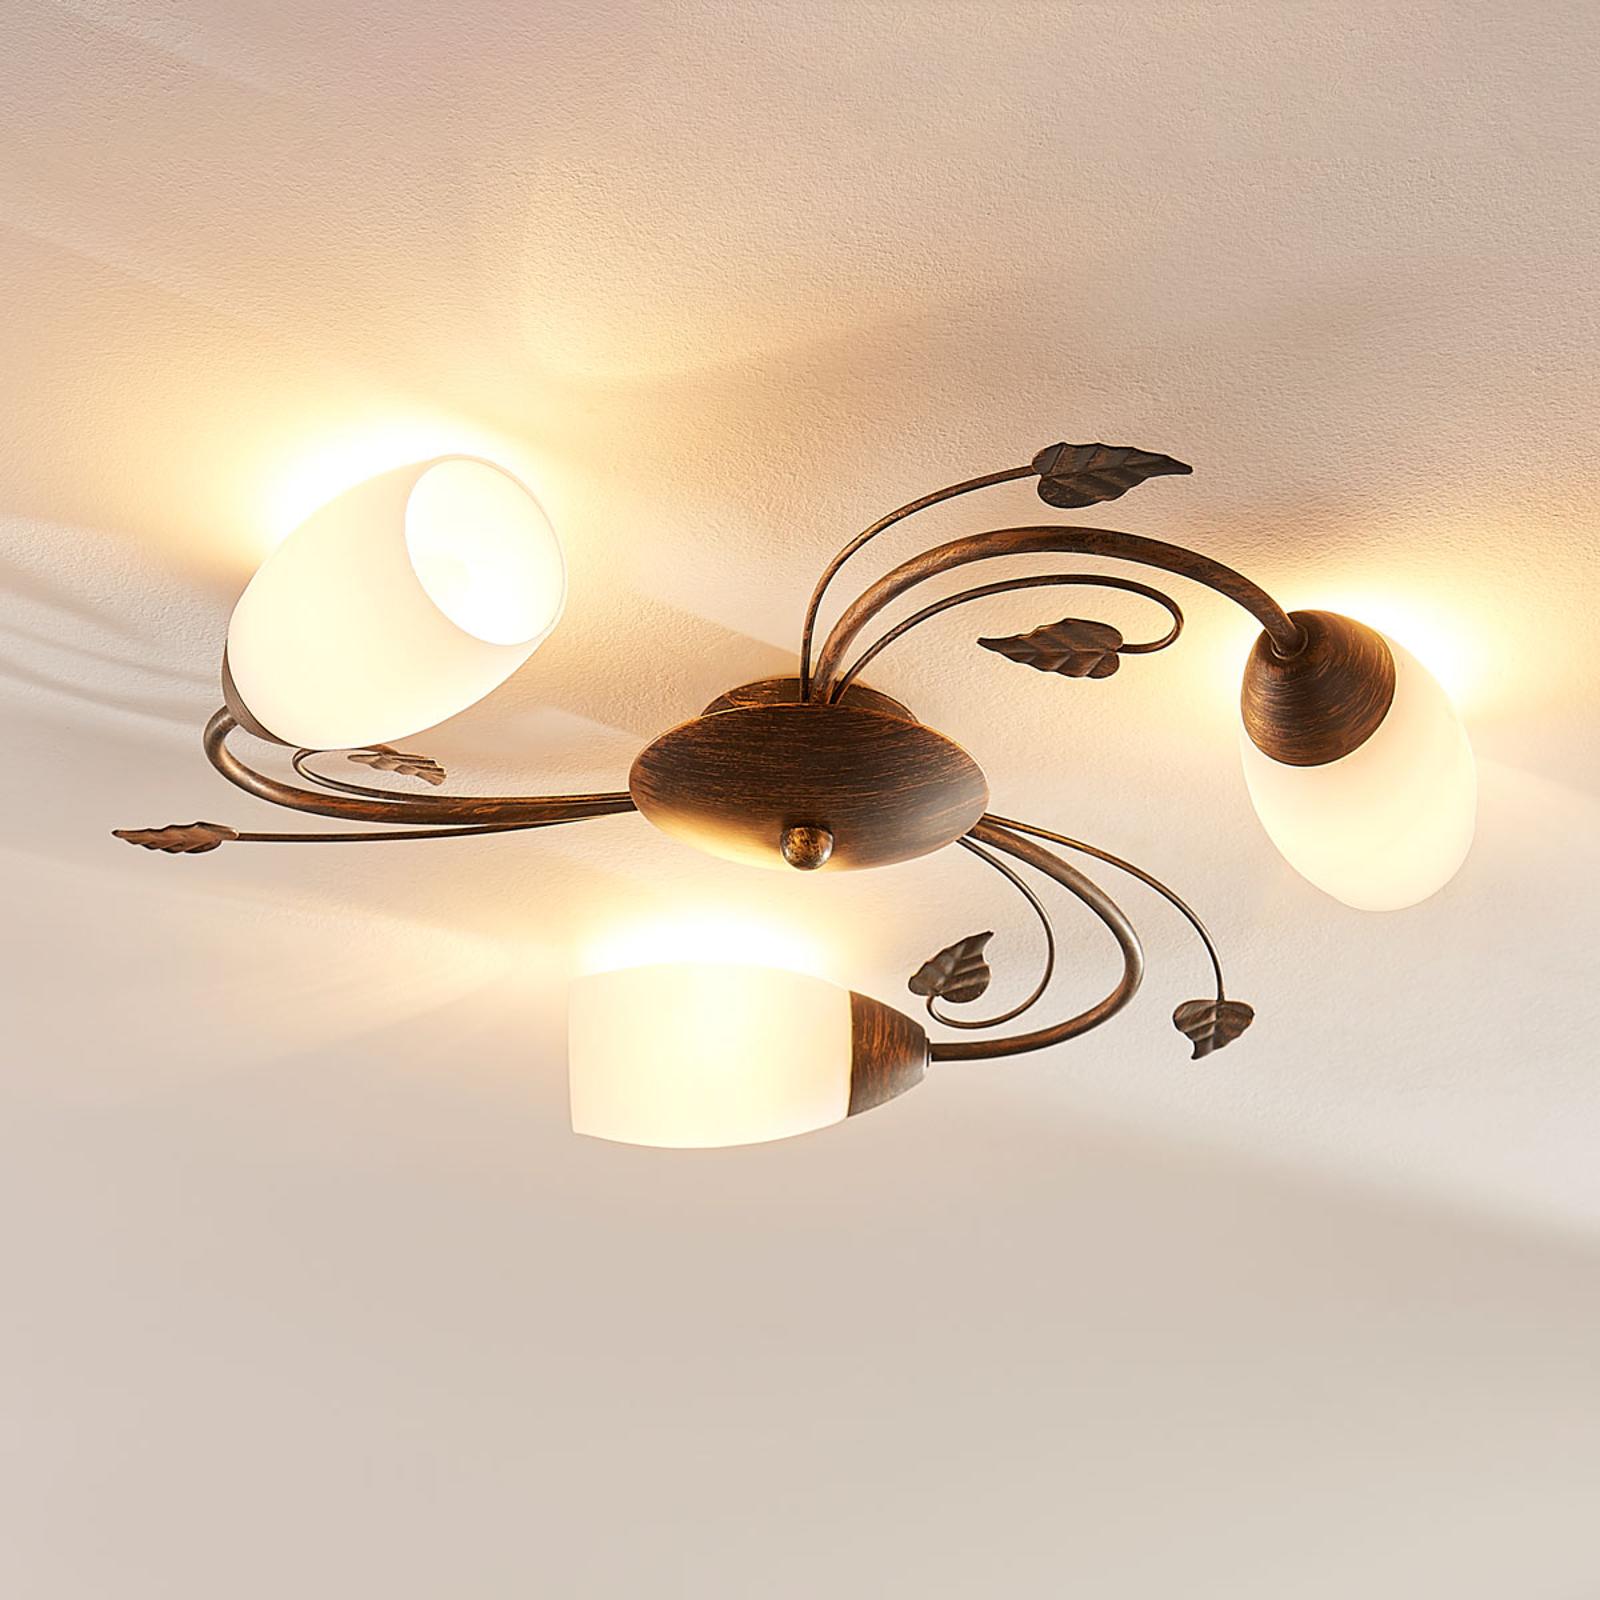 LED loftlampe Stefania, tre lyskilder